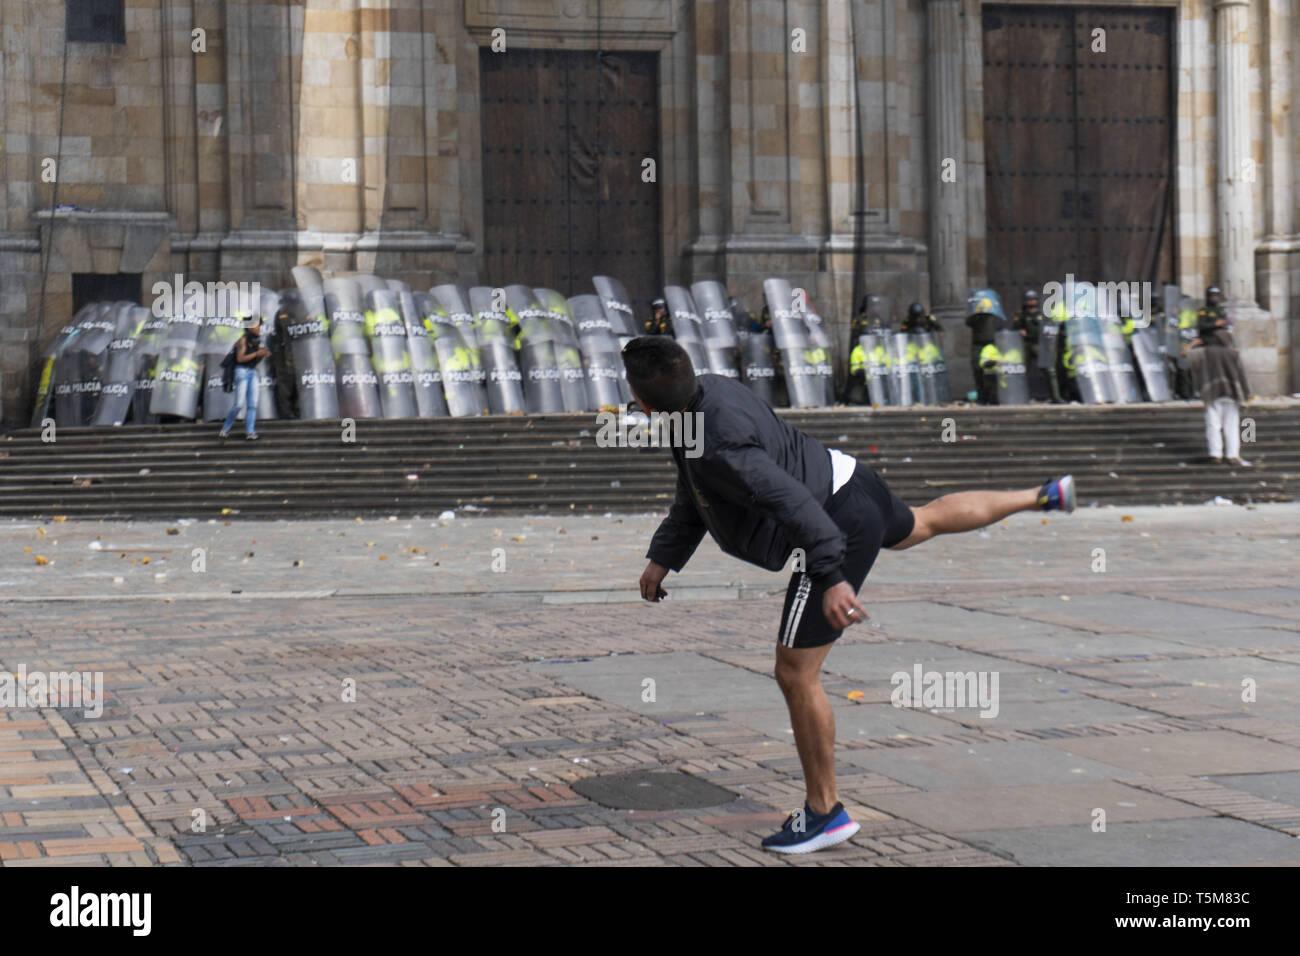 Bogotá, Colombia. 25 abr, 2019. Abril 25, 2019 - un hombre encapuchado lanzando piedras a la policía en la marcha de la huelga nacional en la ciudad de Bogotá Crédito: Daniel Garzón Herazo/Zuma alambre/Alamy Live News Crédito: Zuma Press, Inc./Alamy Live News Foto de stock